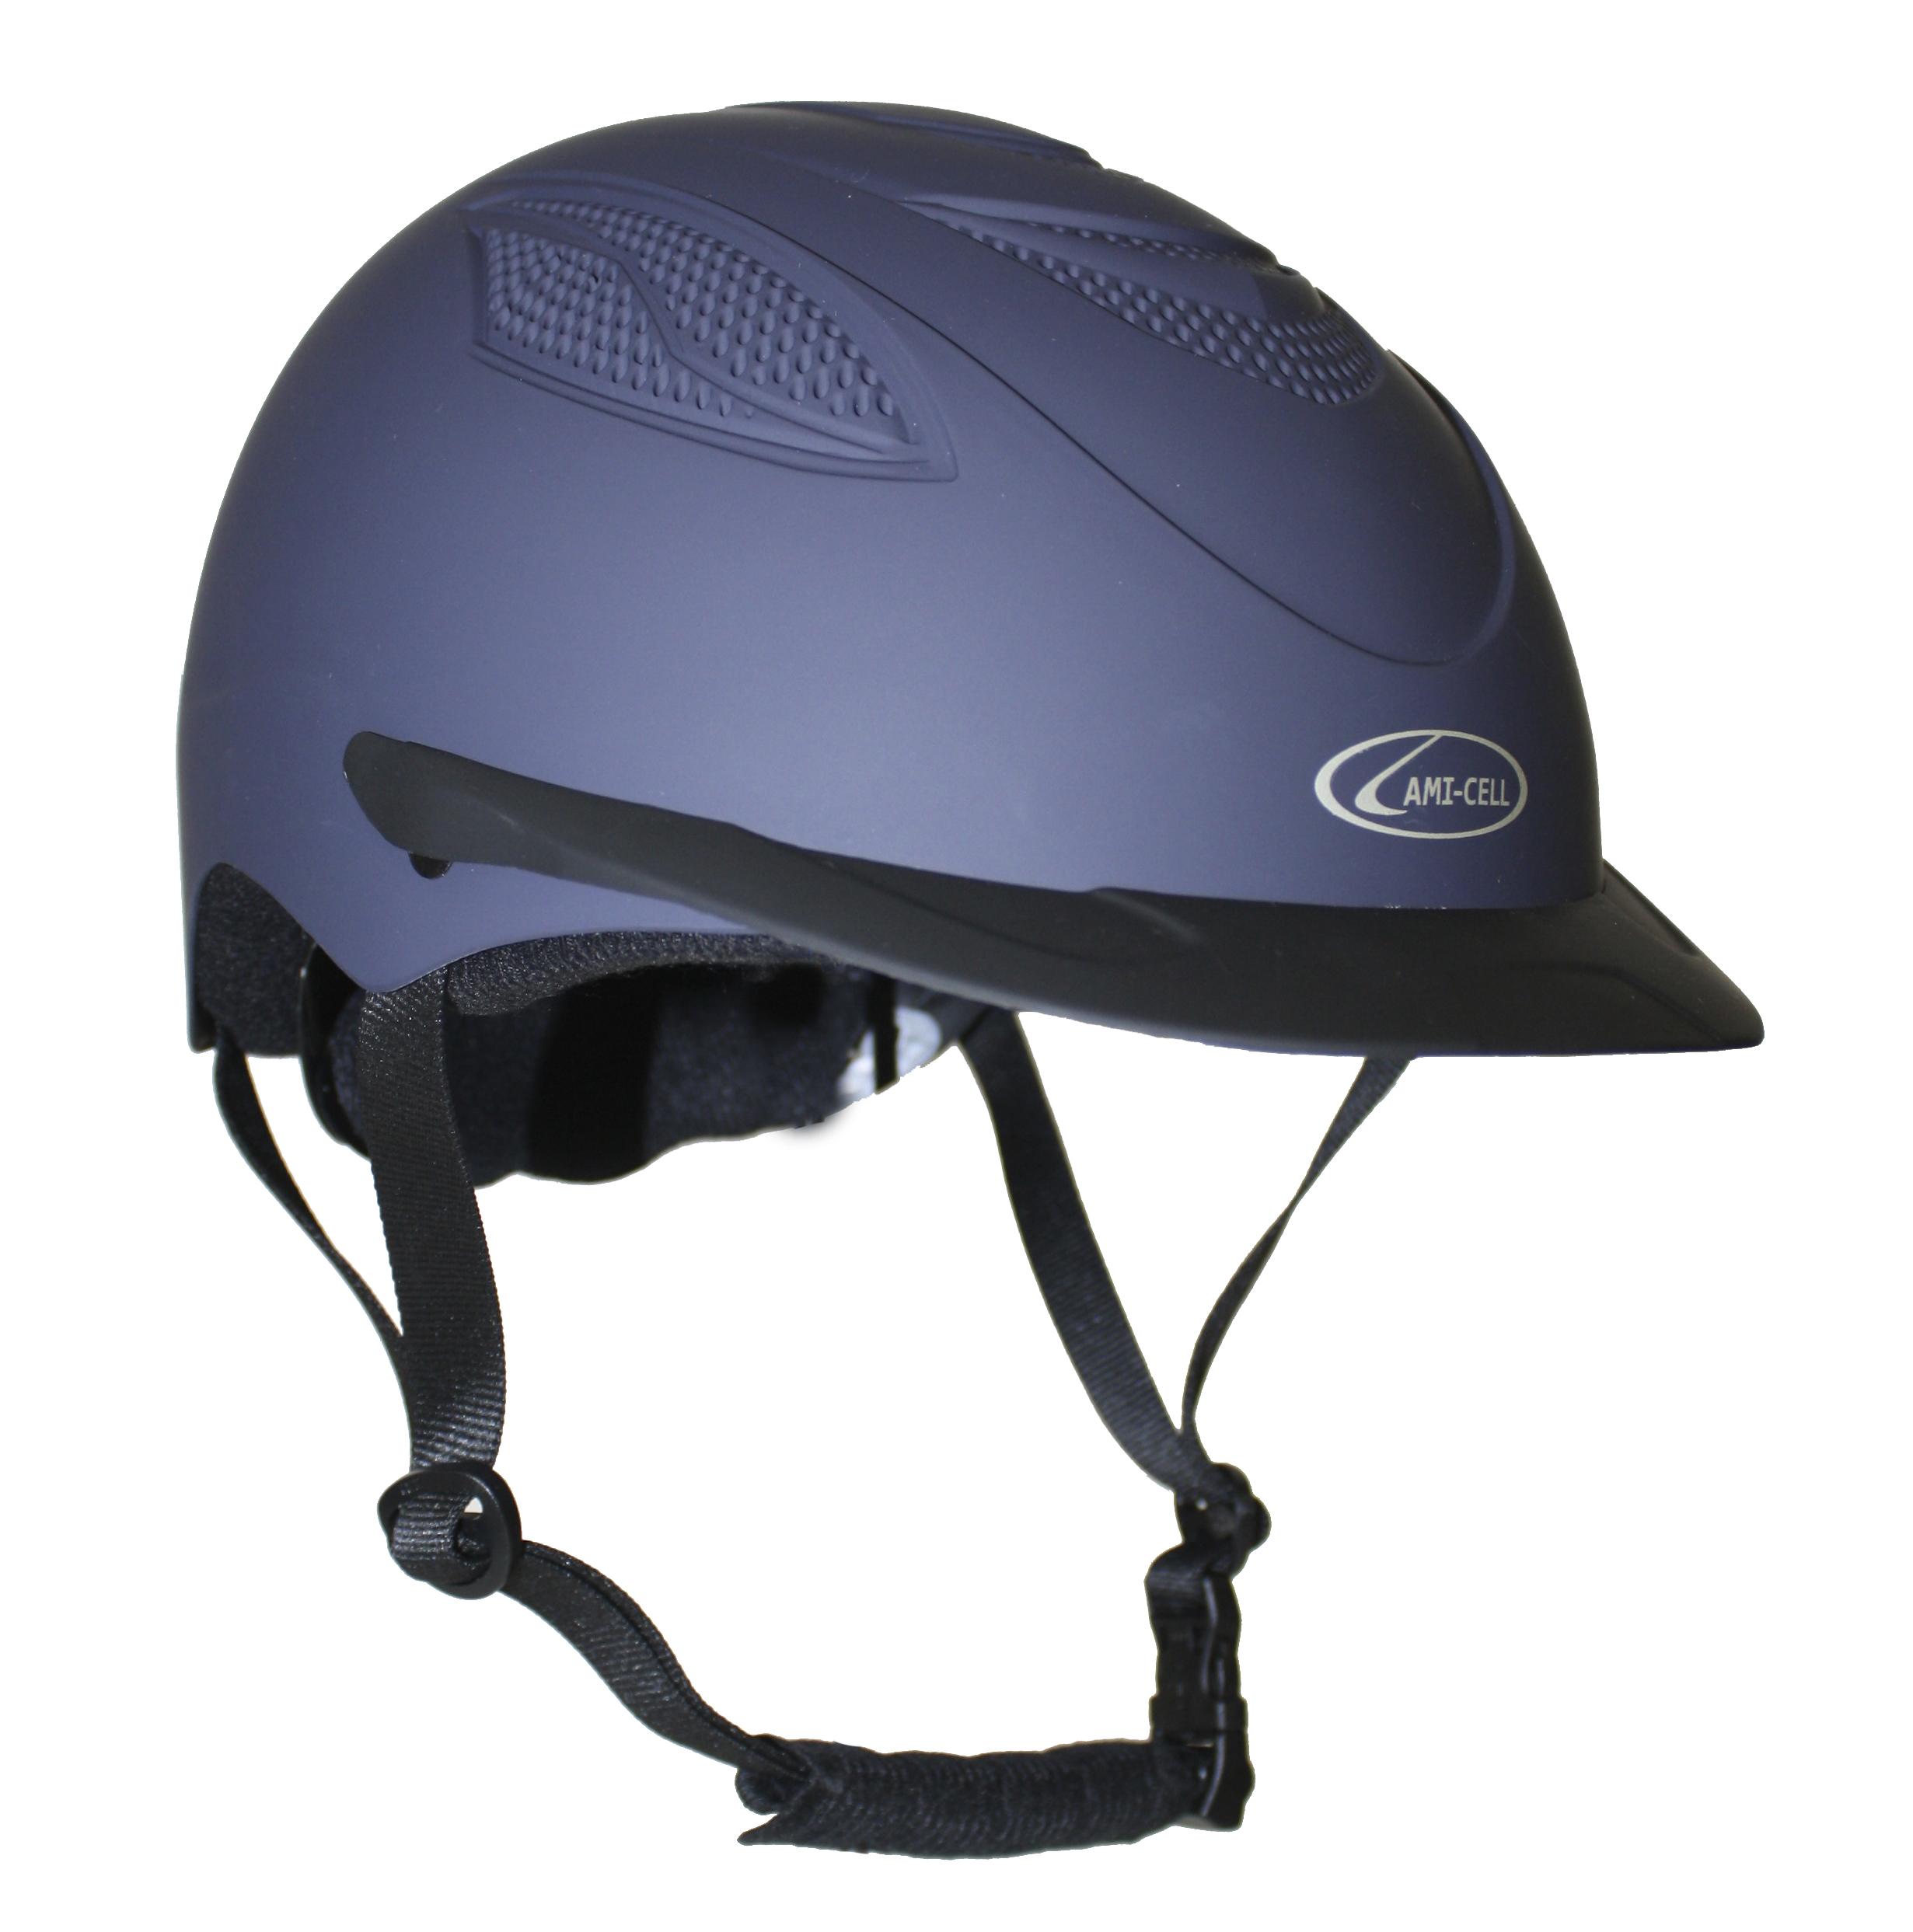 Lami-Cell Contender Helmet